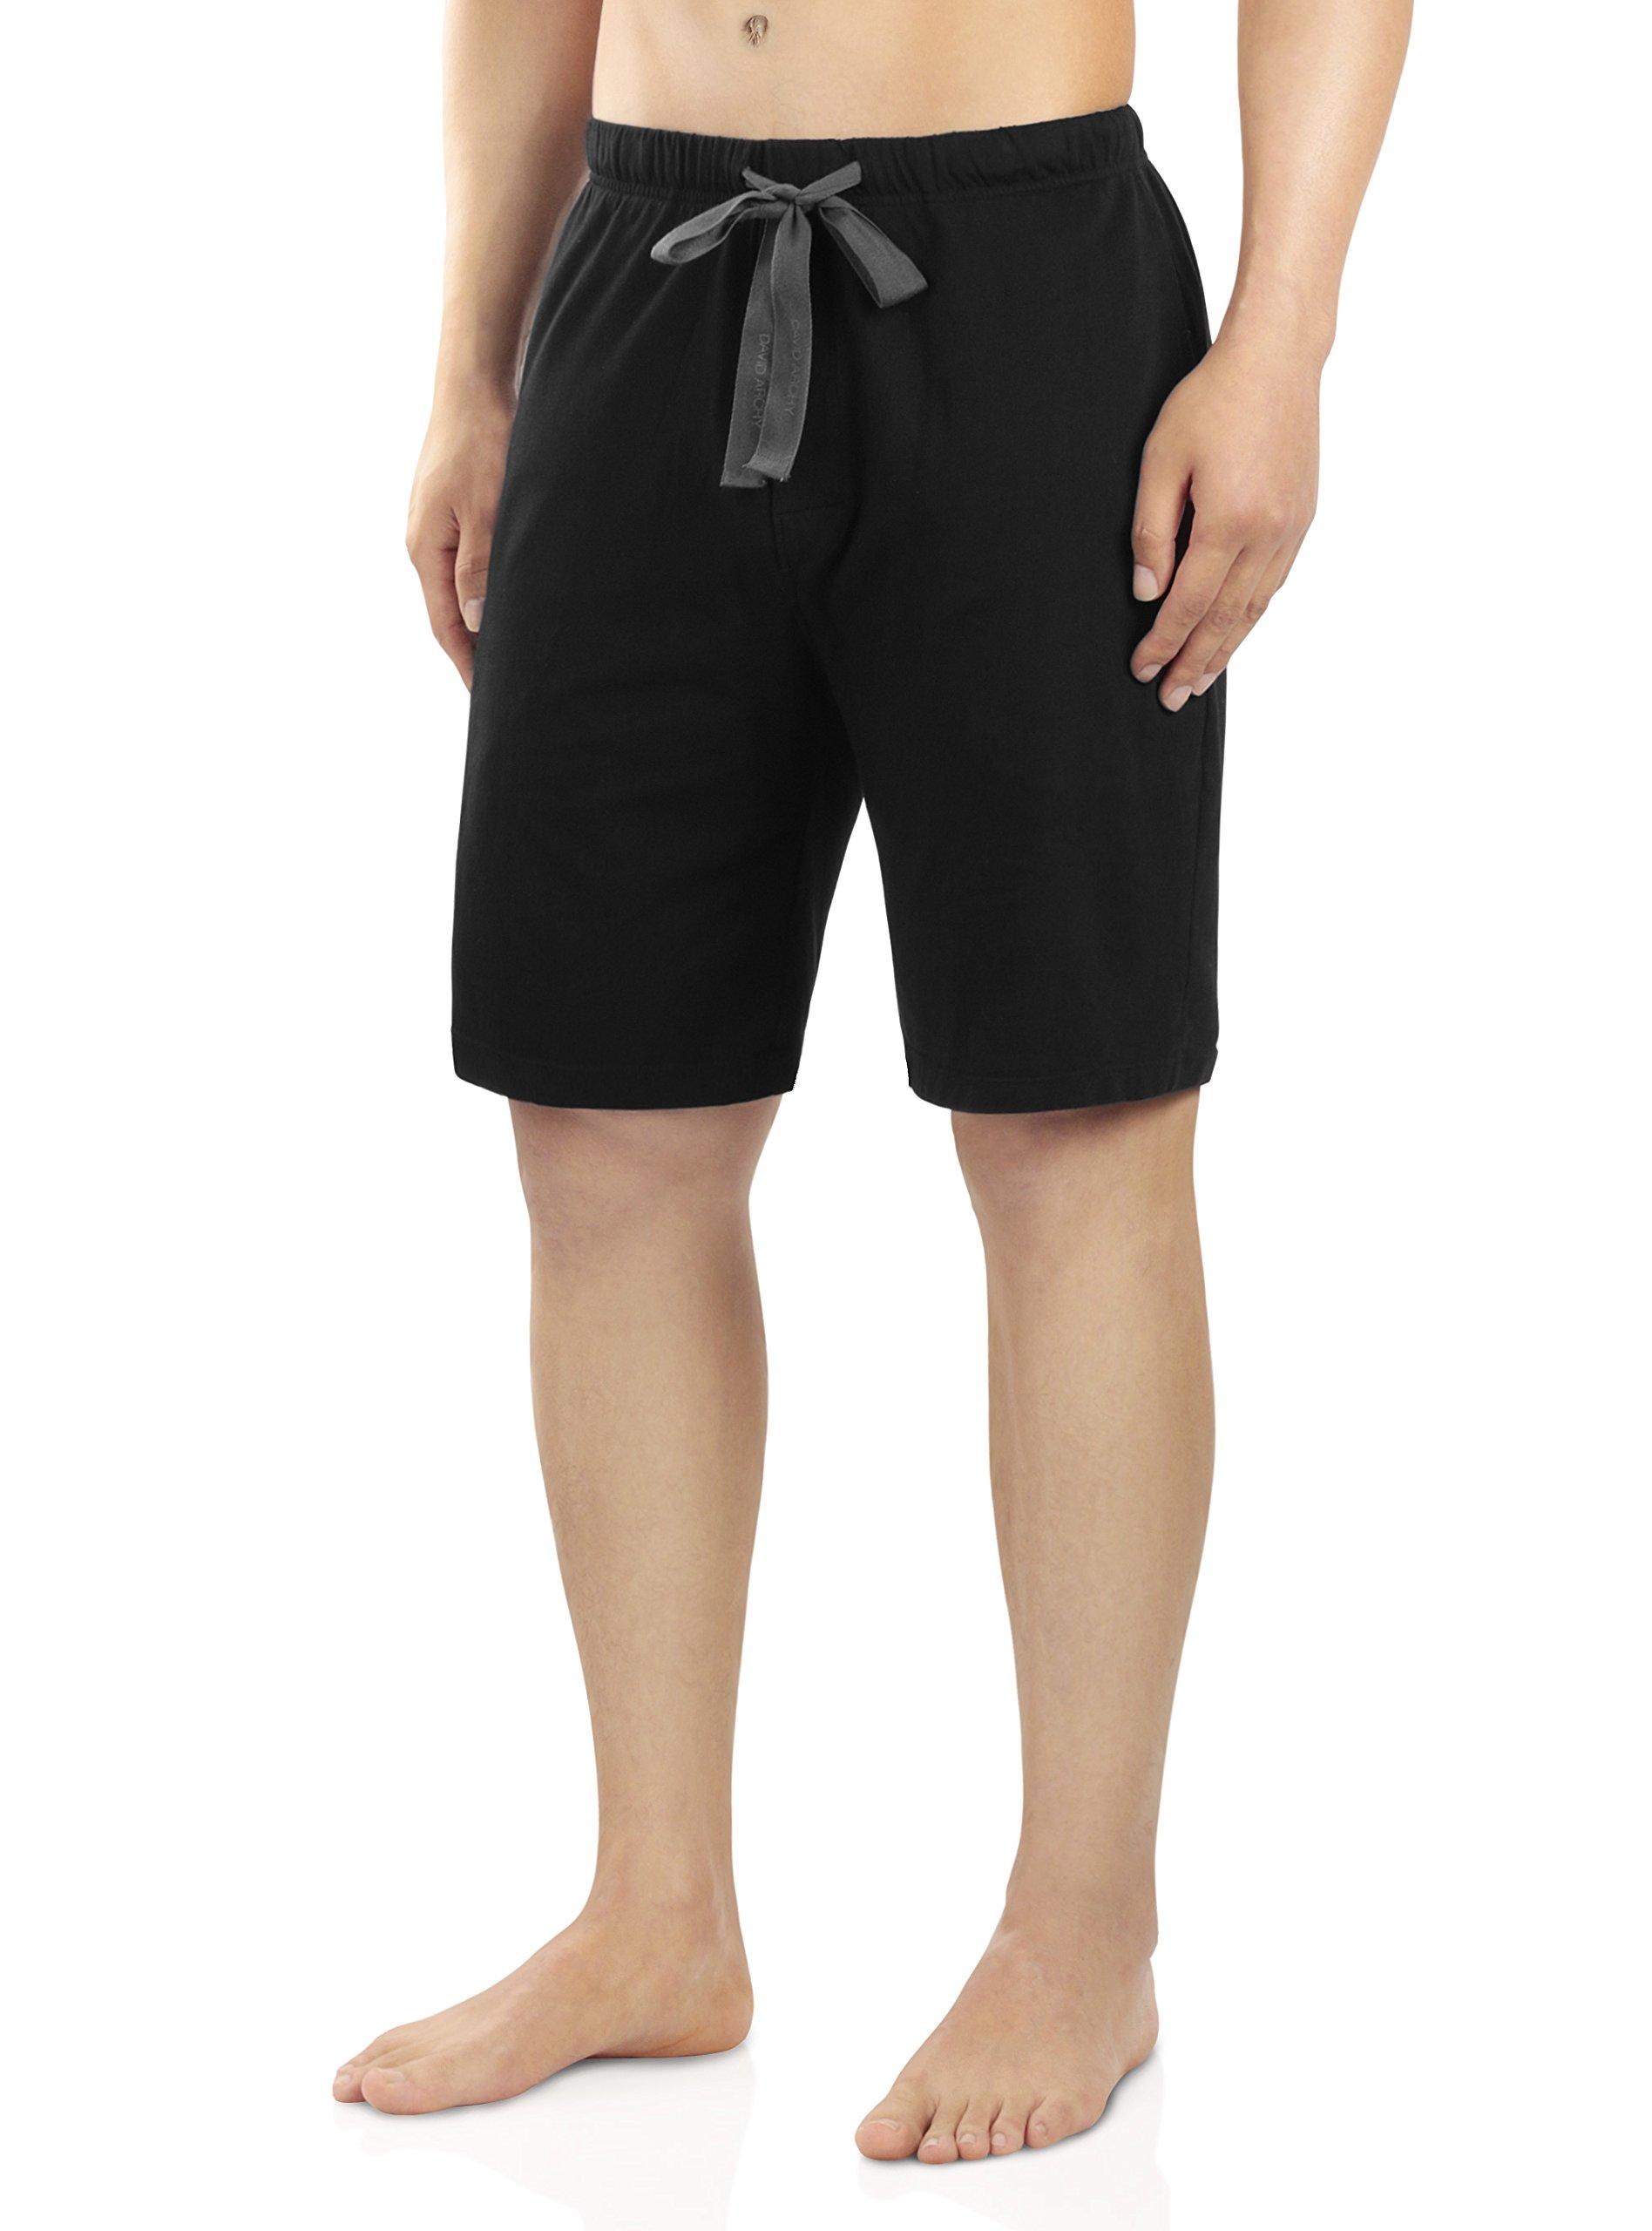 David Archy Men's Soft Comfy Cotton Sleep Short Lounge Short Pants (Black, L)